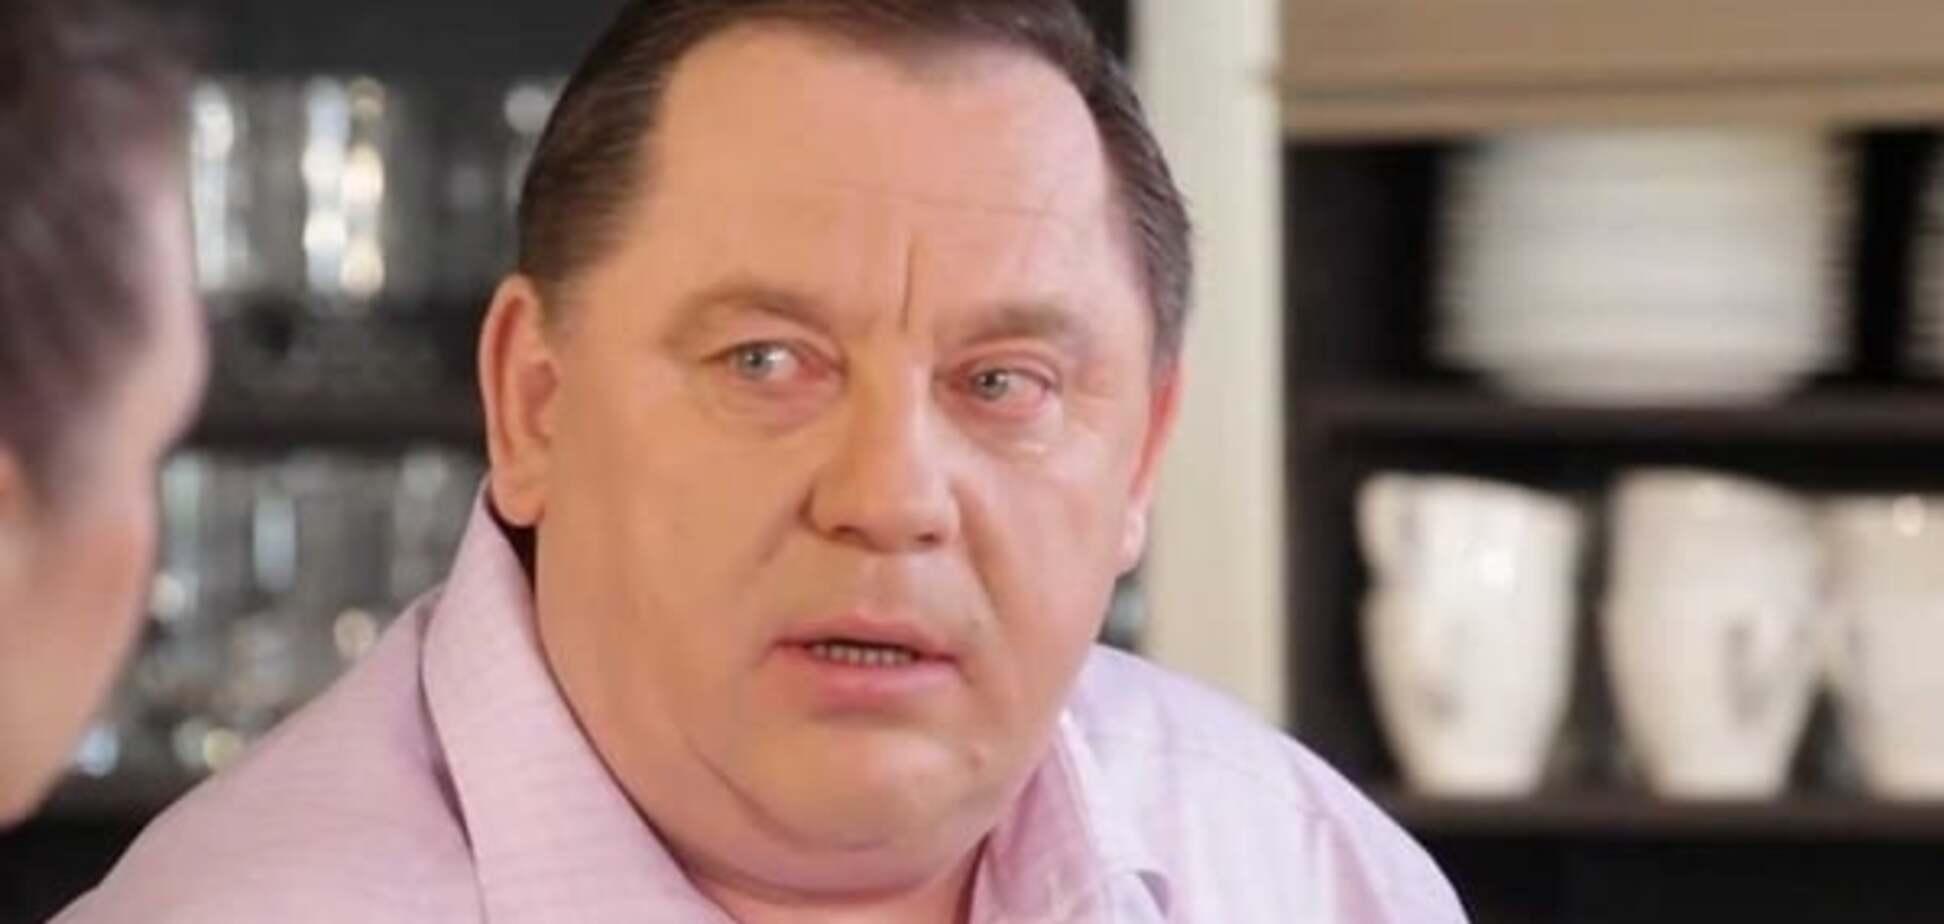 Суд отменил оправдательный приговор скандального экс-ректора Мельника